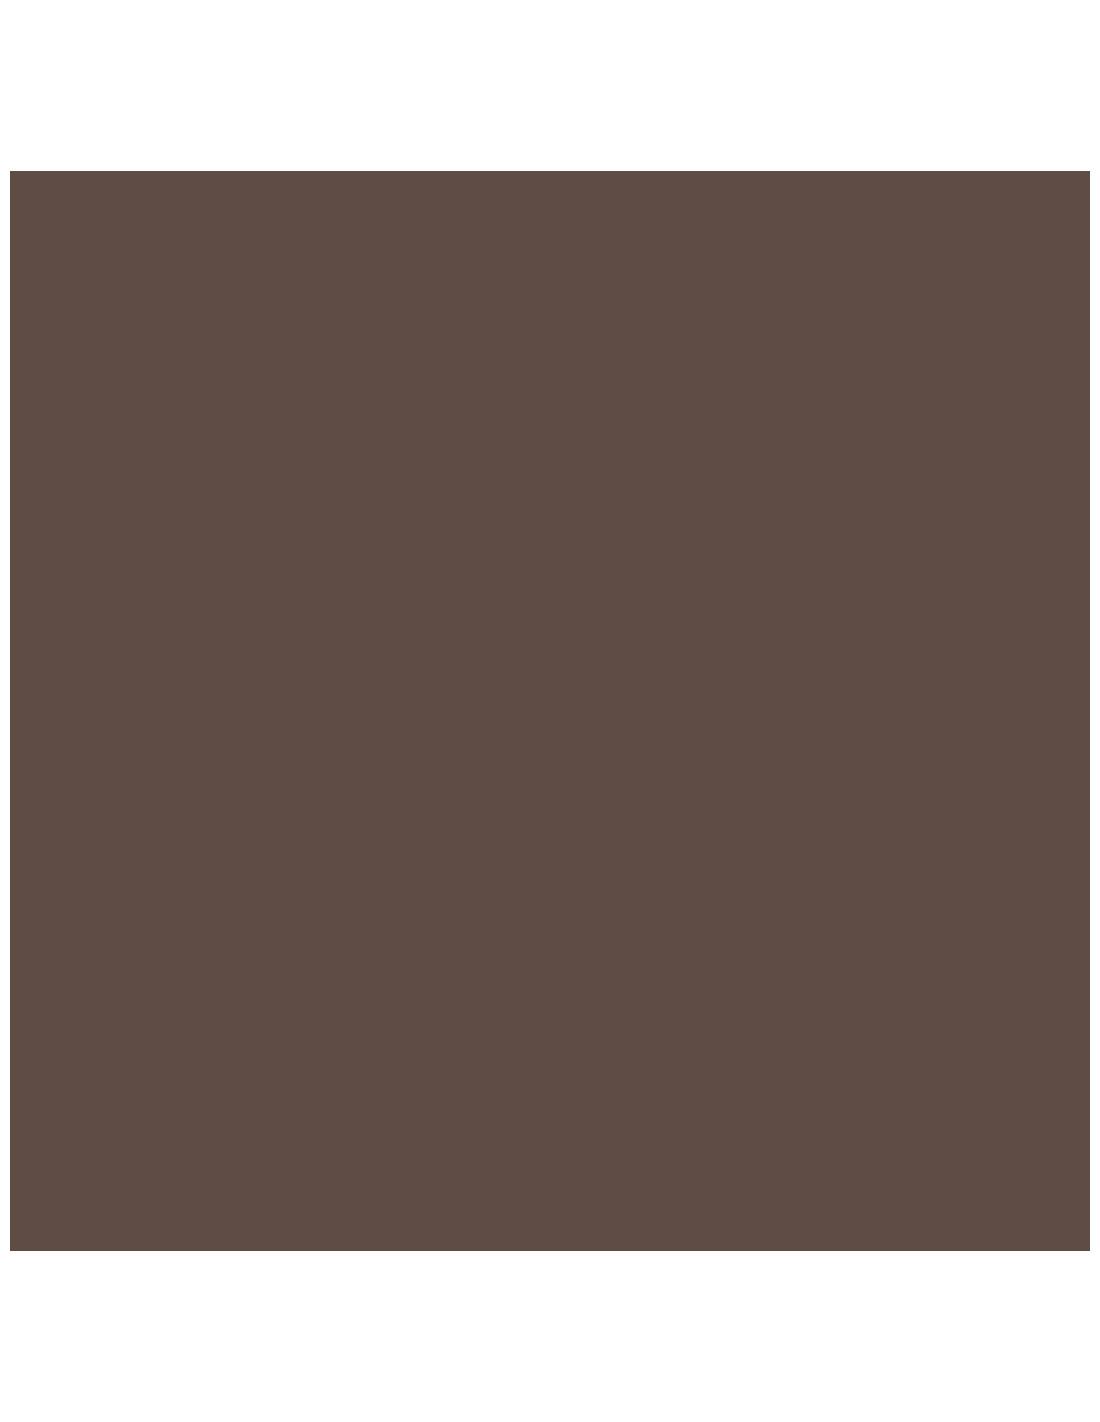 VALENTINE Peinture Crème de couleur wengé 0,5L